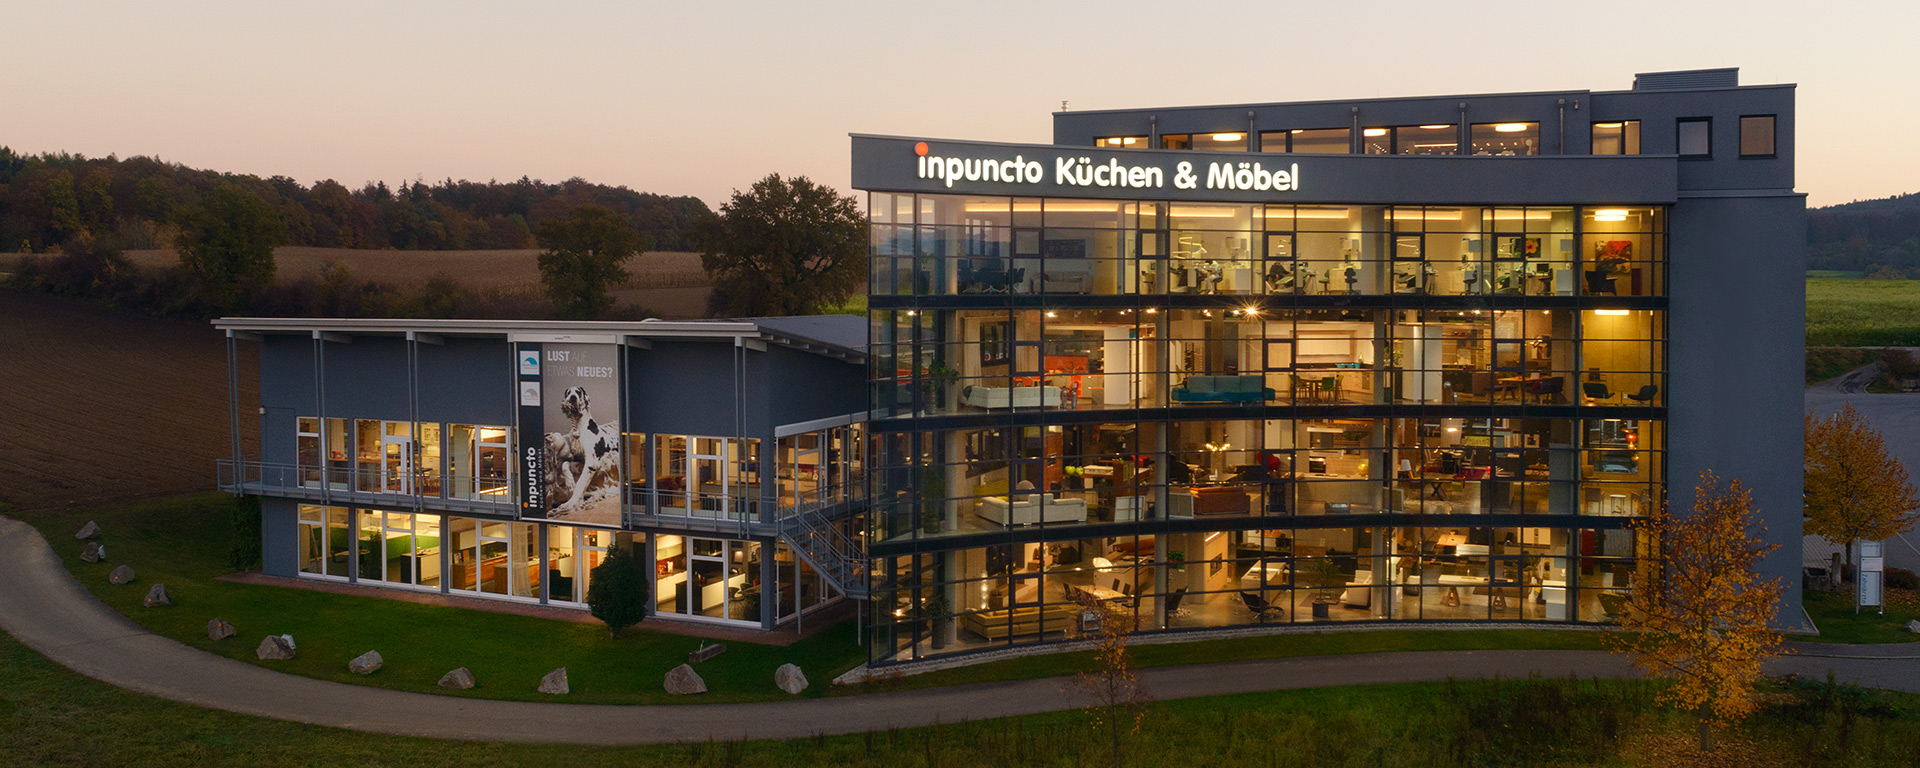 Einrichtungshaus Konstanz inpuncto küchen und inpuncto casa möbel willkommen inpuncto küchen